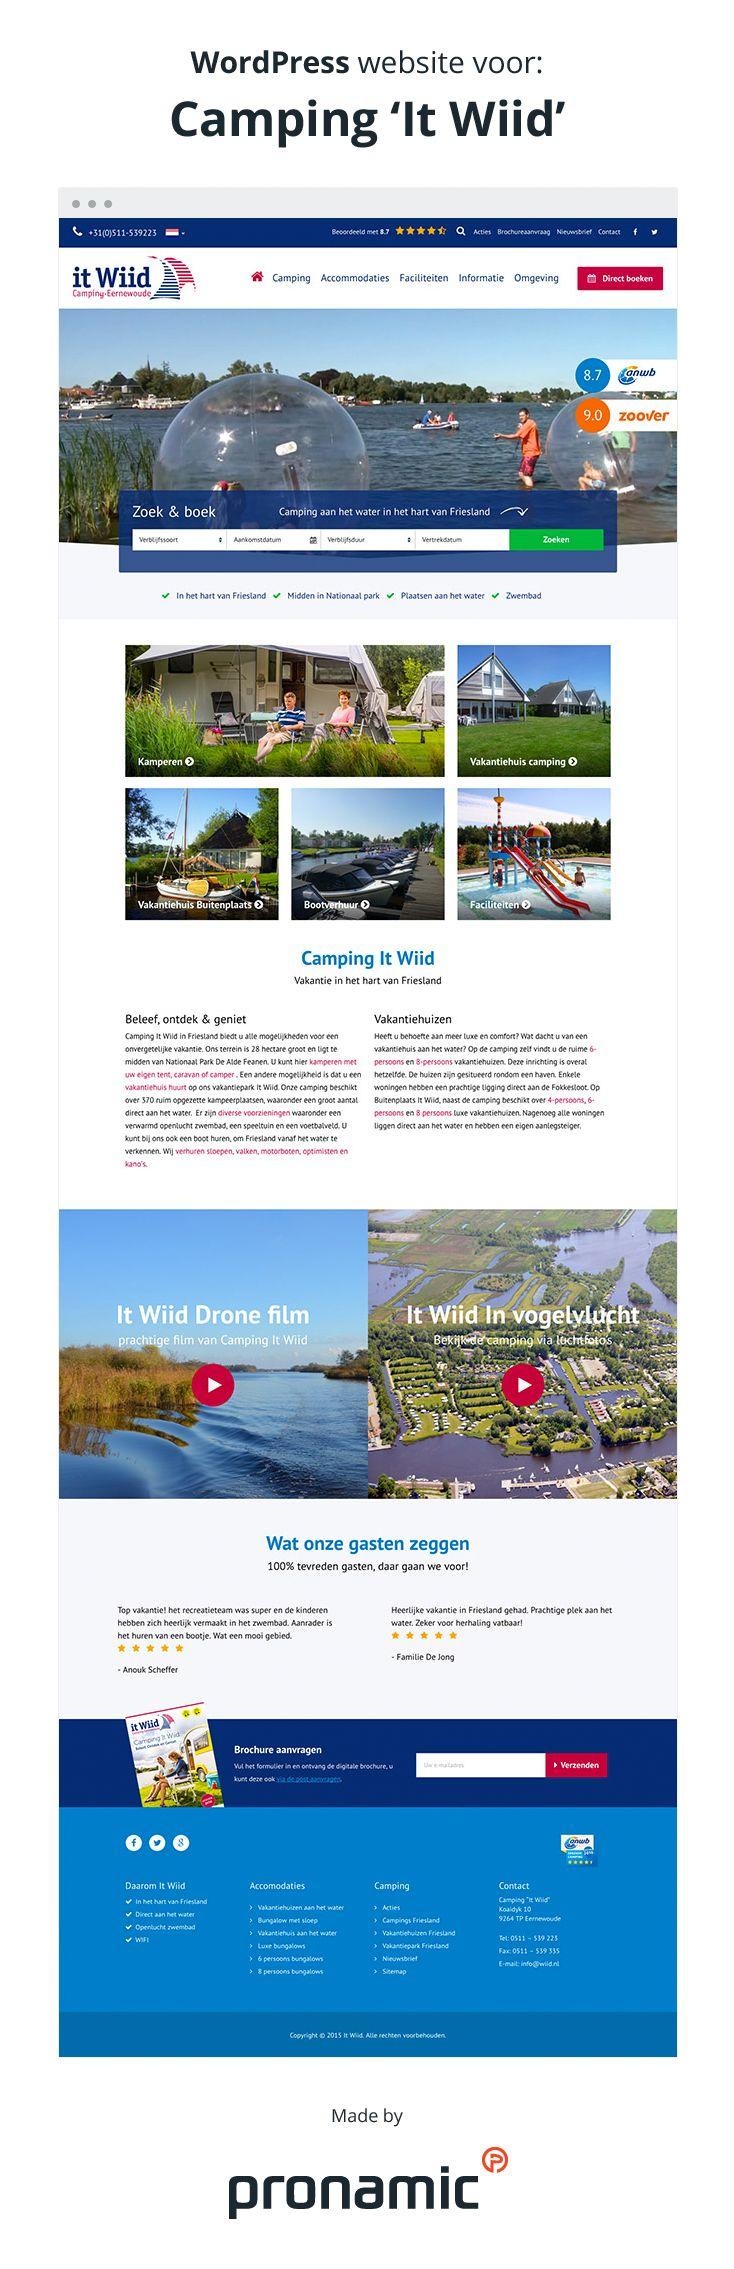 Camping It Wiid is een camping in hartje Friesland met uitstekende faciliteiten kampeerplaatsen aan het water en goede reviews.  Deze unieke kwaliteiten willen ze ook graag online tonen. Pronamic kreeg daarom de opdracht om een geheel nieuwe WordPress website te ontwikkelen die zowel de gewone bezoeker als de mobiele bezoeker kan overtuigen van deze unieke kwaliteiten.